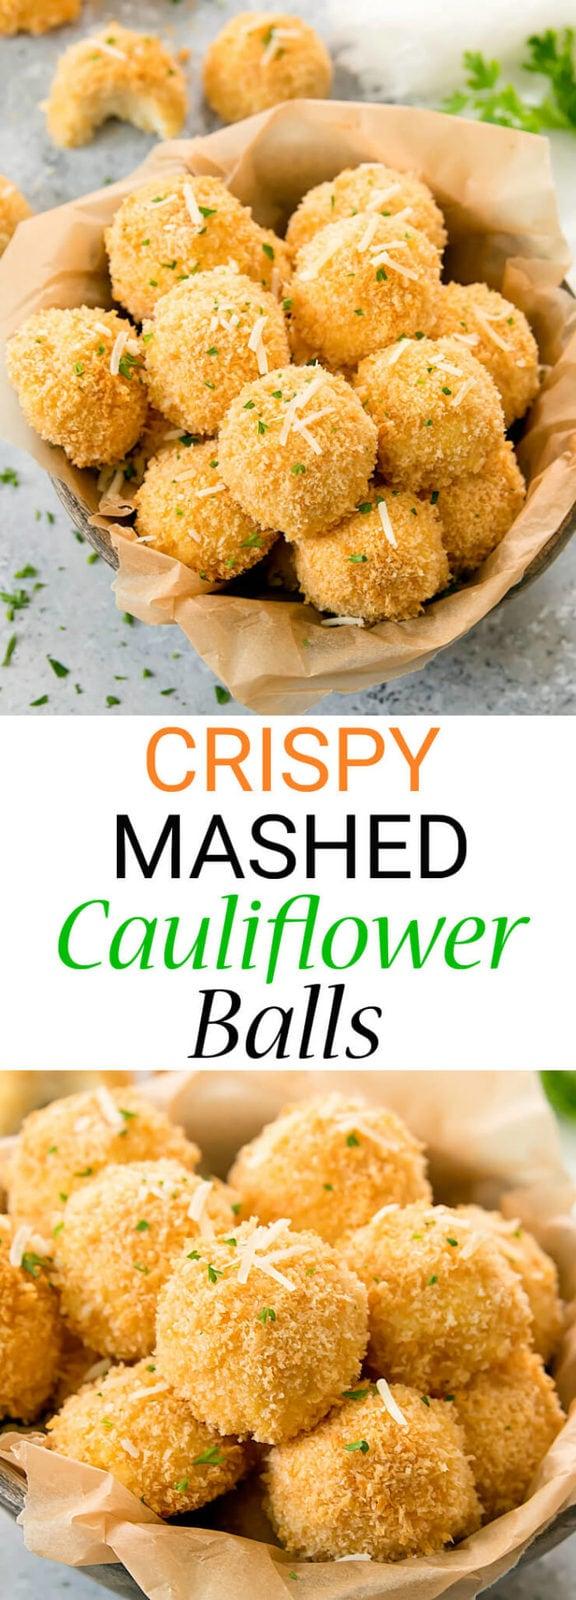 Crispy Baked Mashed Cauliflower Balls